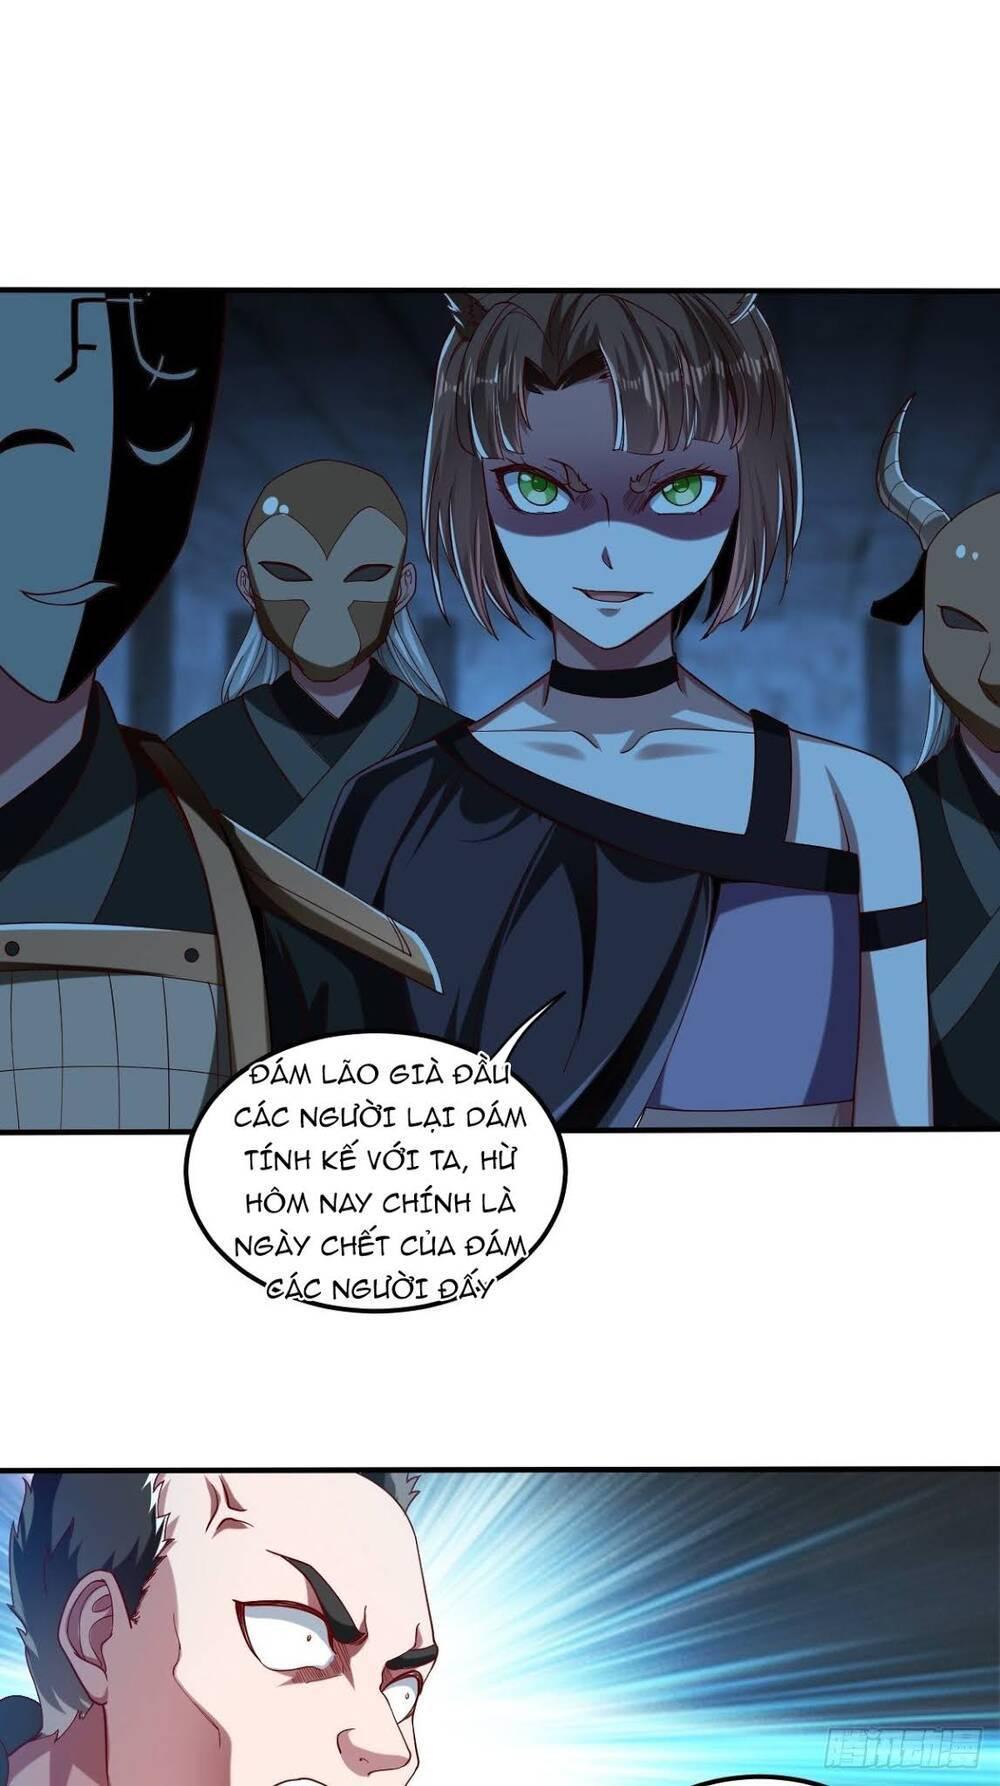 CỤC GẠCH XÔNG VÀO DỊ GIỚI Chapter 27 - upload bởi truyensieuhay.com